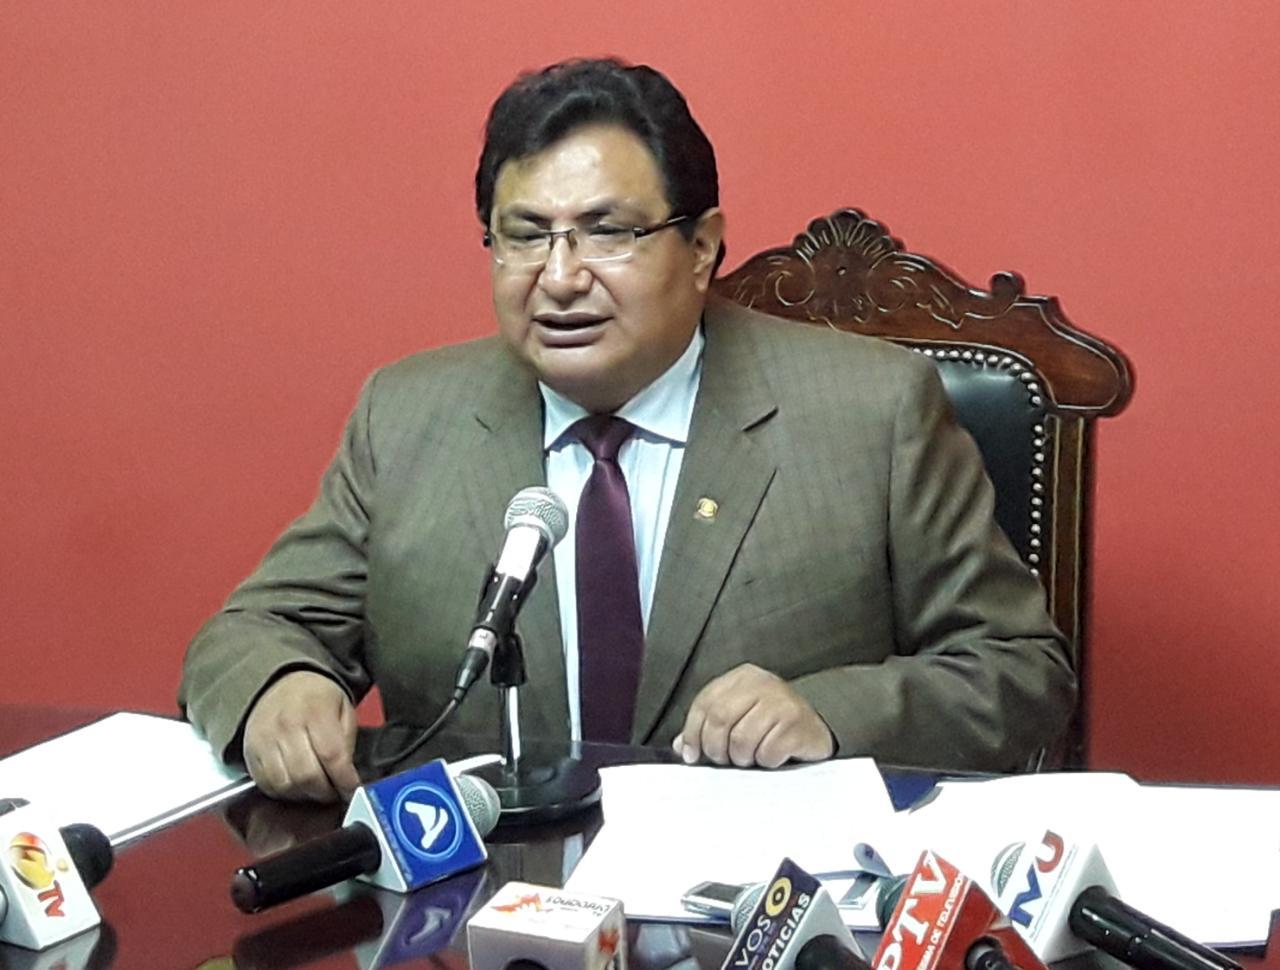 Diputado de UD denuncia la elaboración de 7.000 monedas con la imagen de Morales